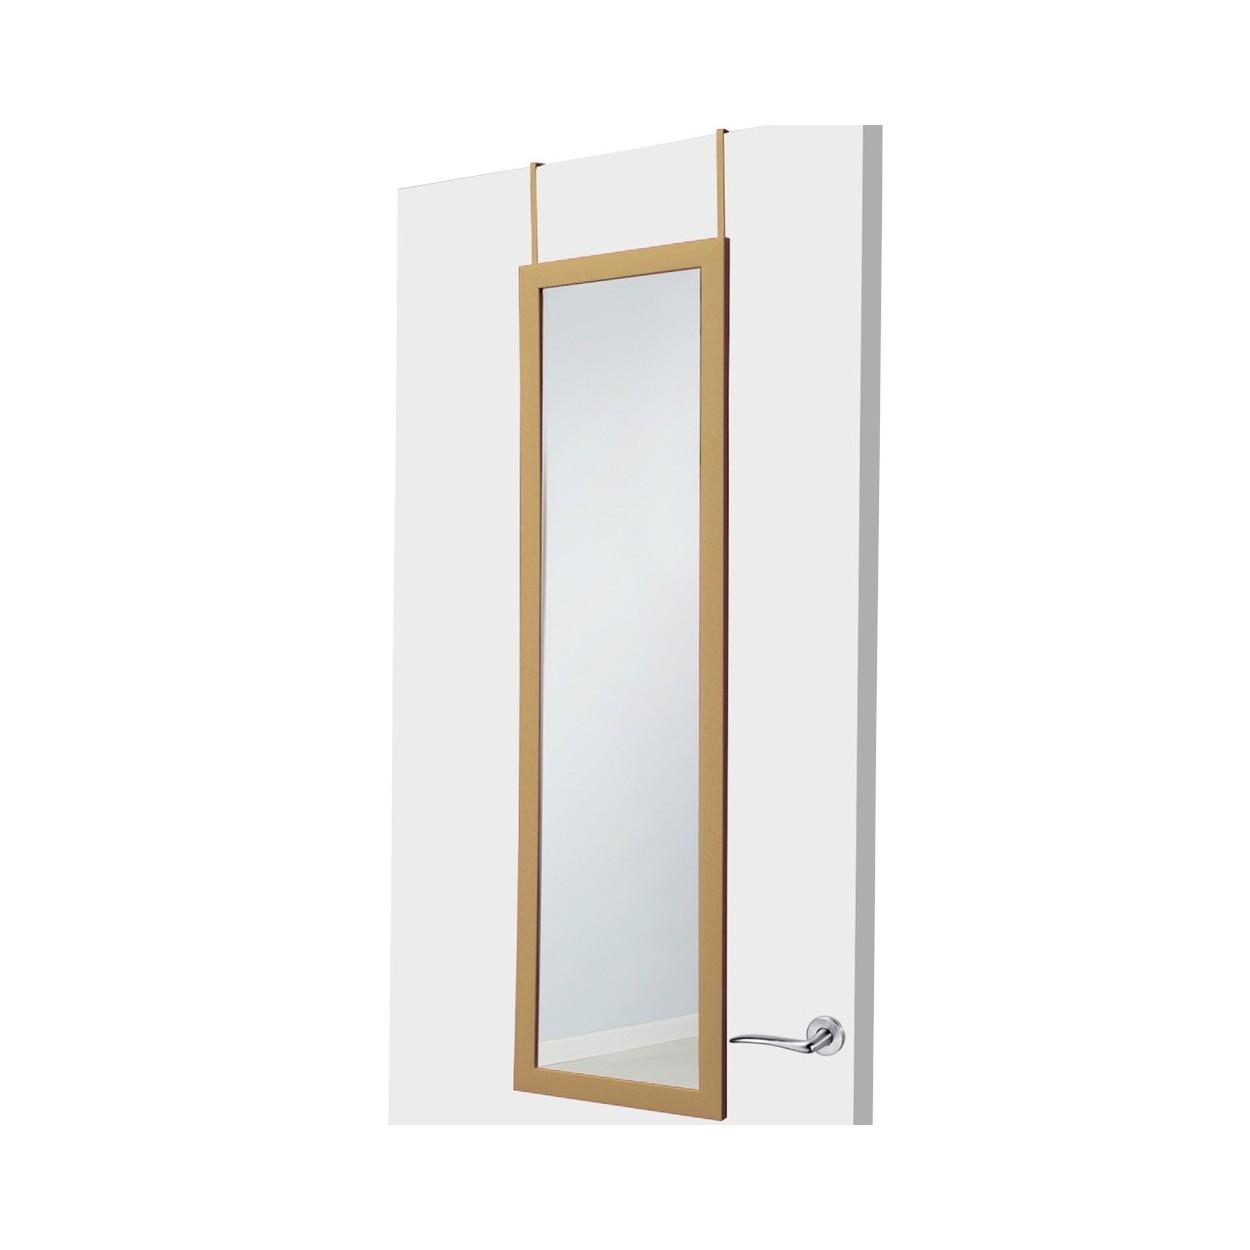 Espejo para puerta color madera sin agujeros hogar y m s - Puertas de espejo ...